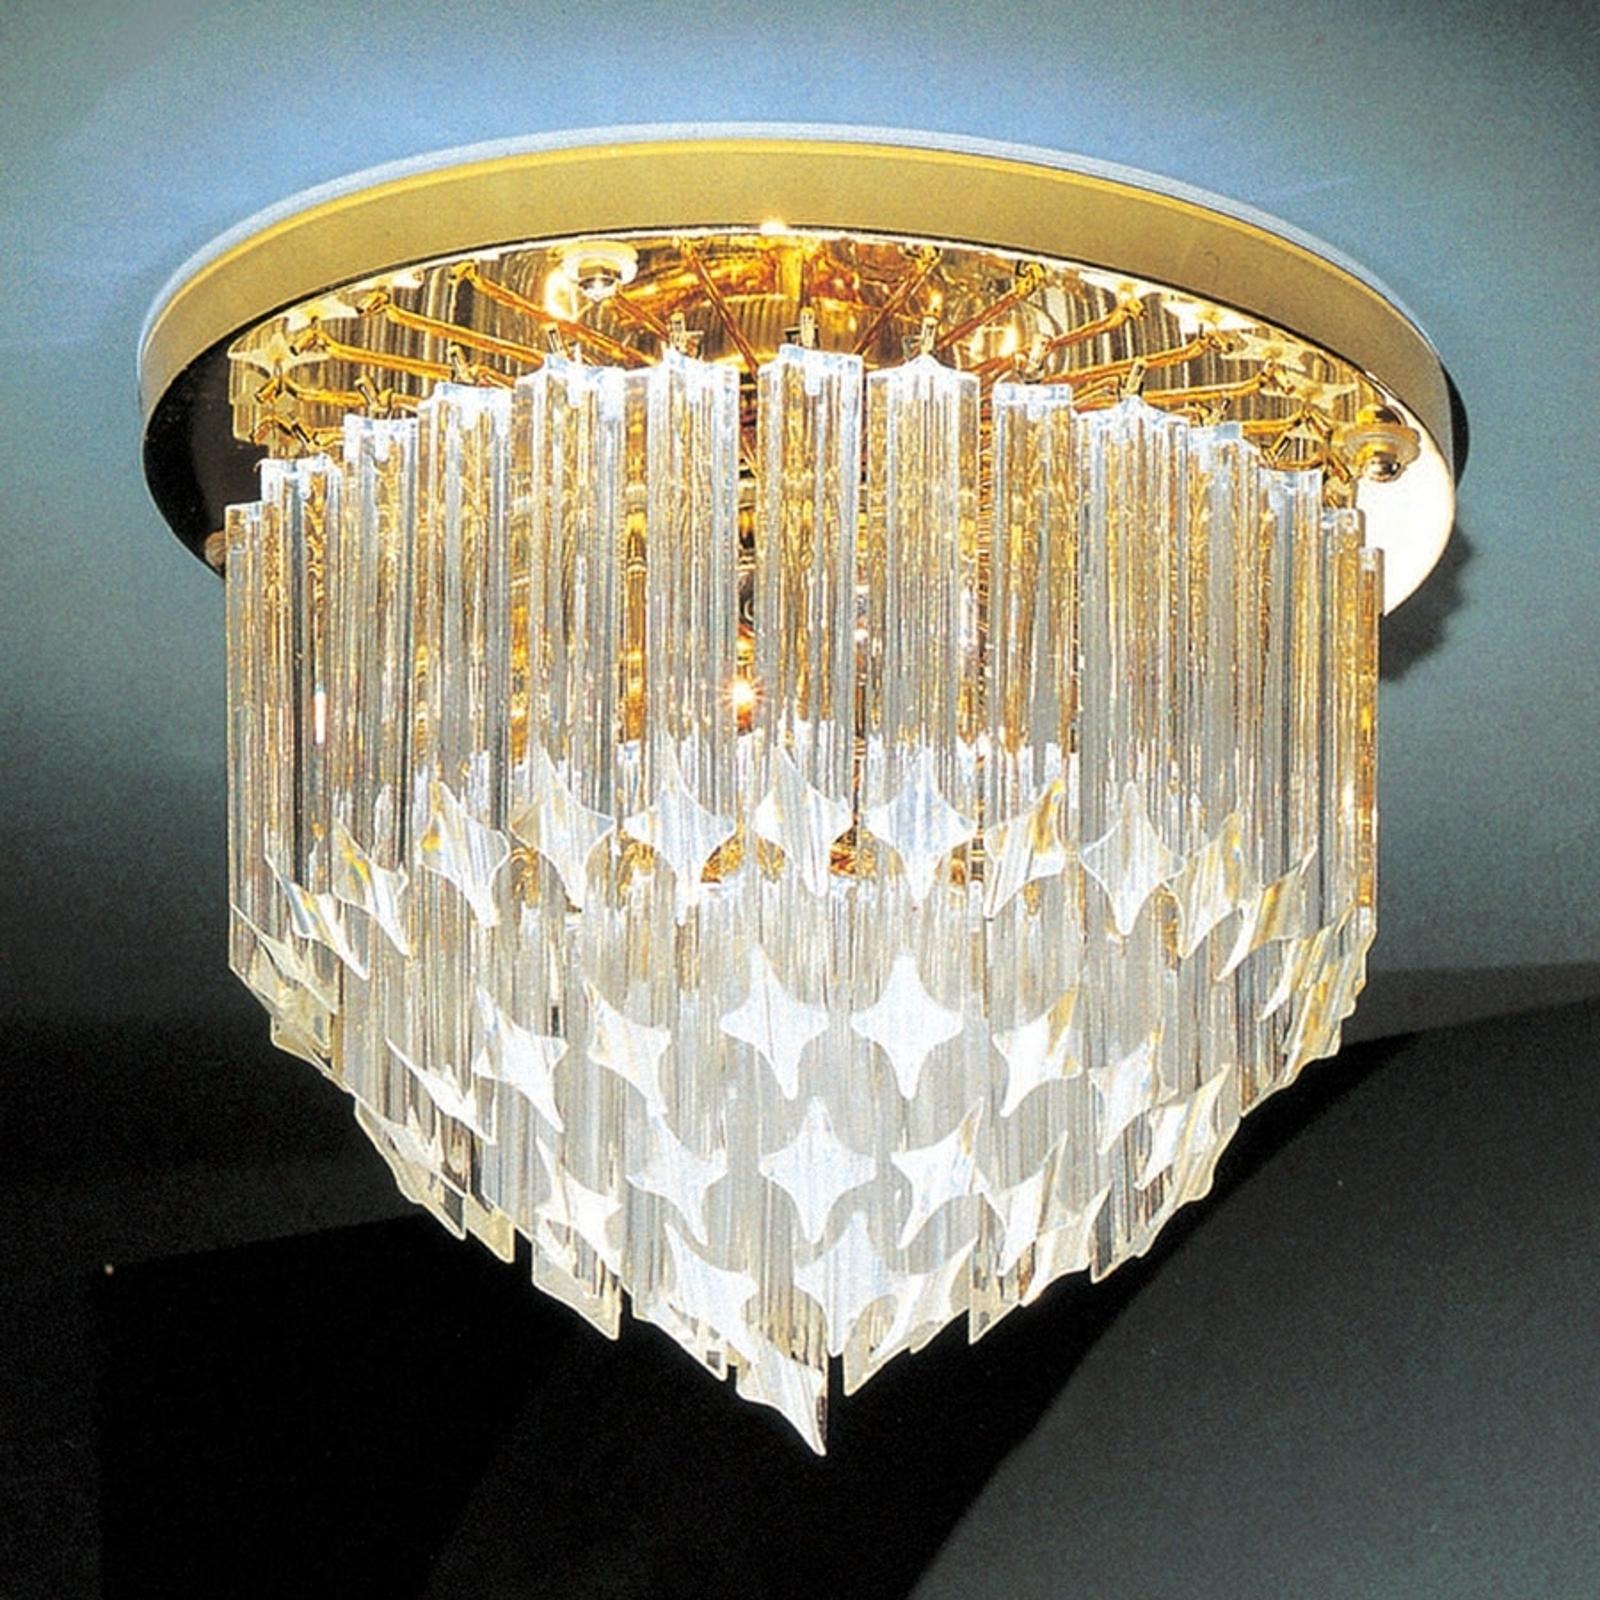 Kryształowa lampa sufitowa Punta z 24-karat złotem